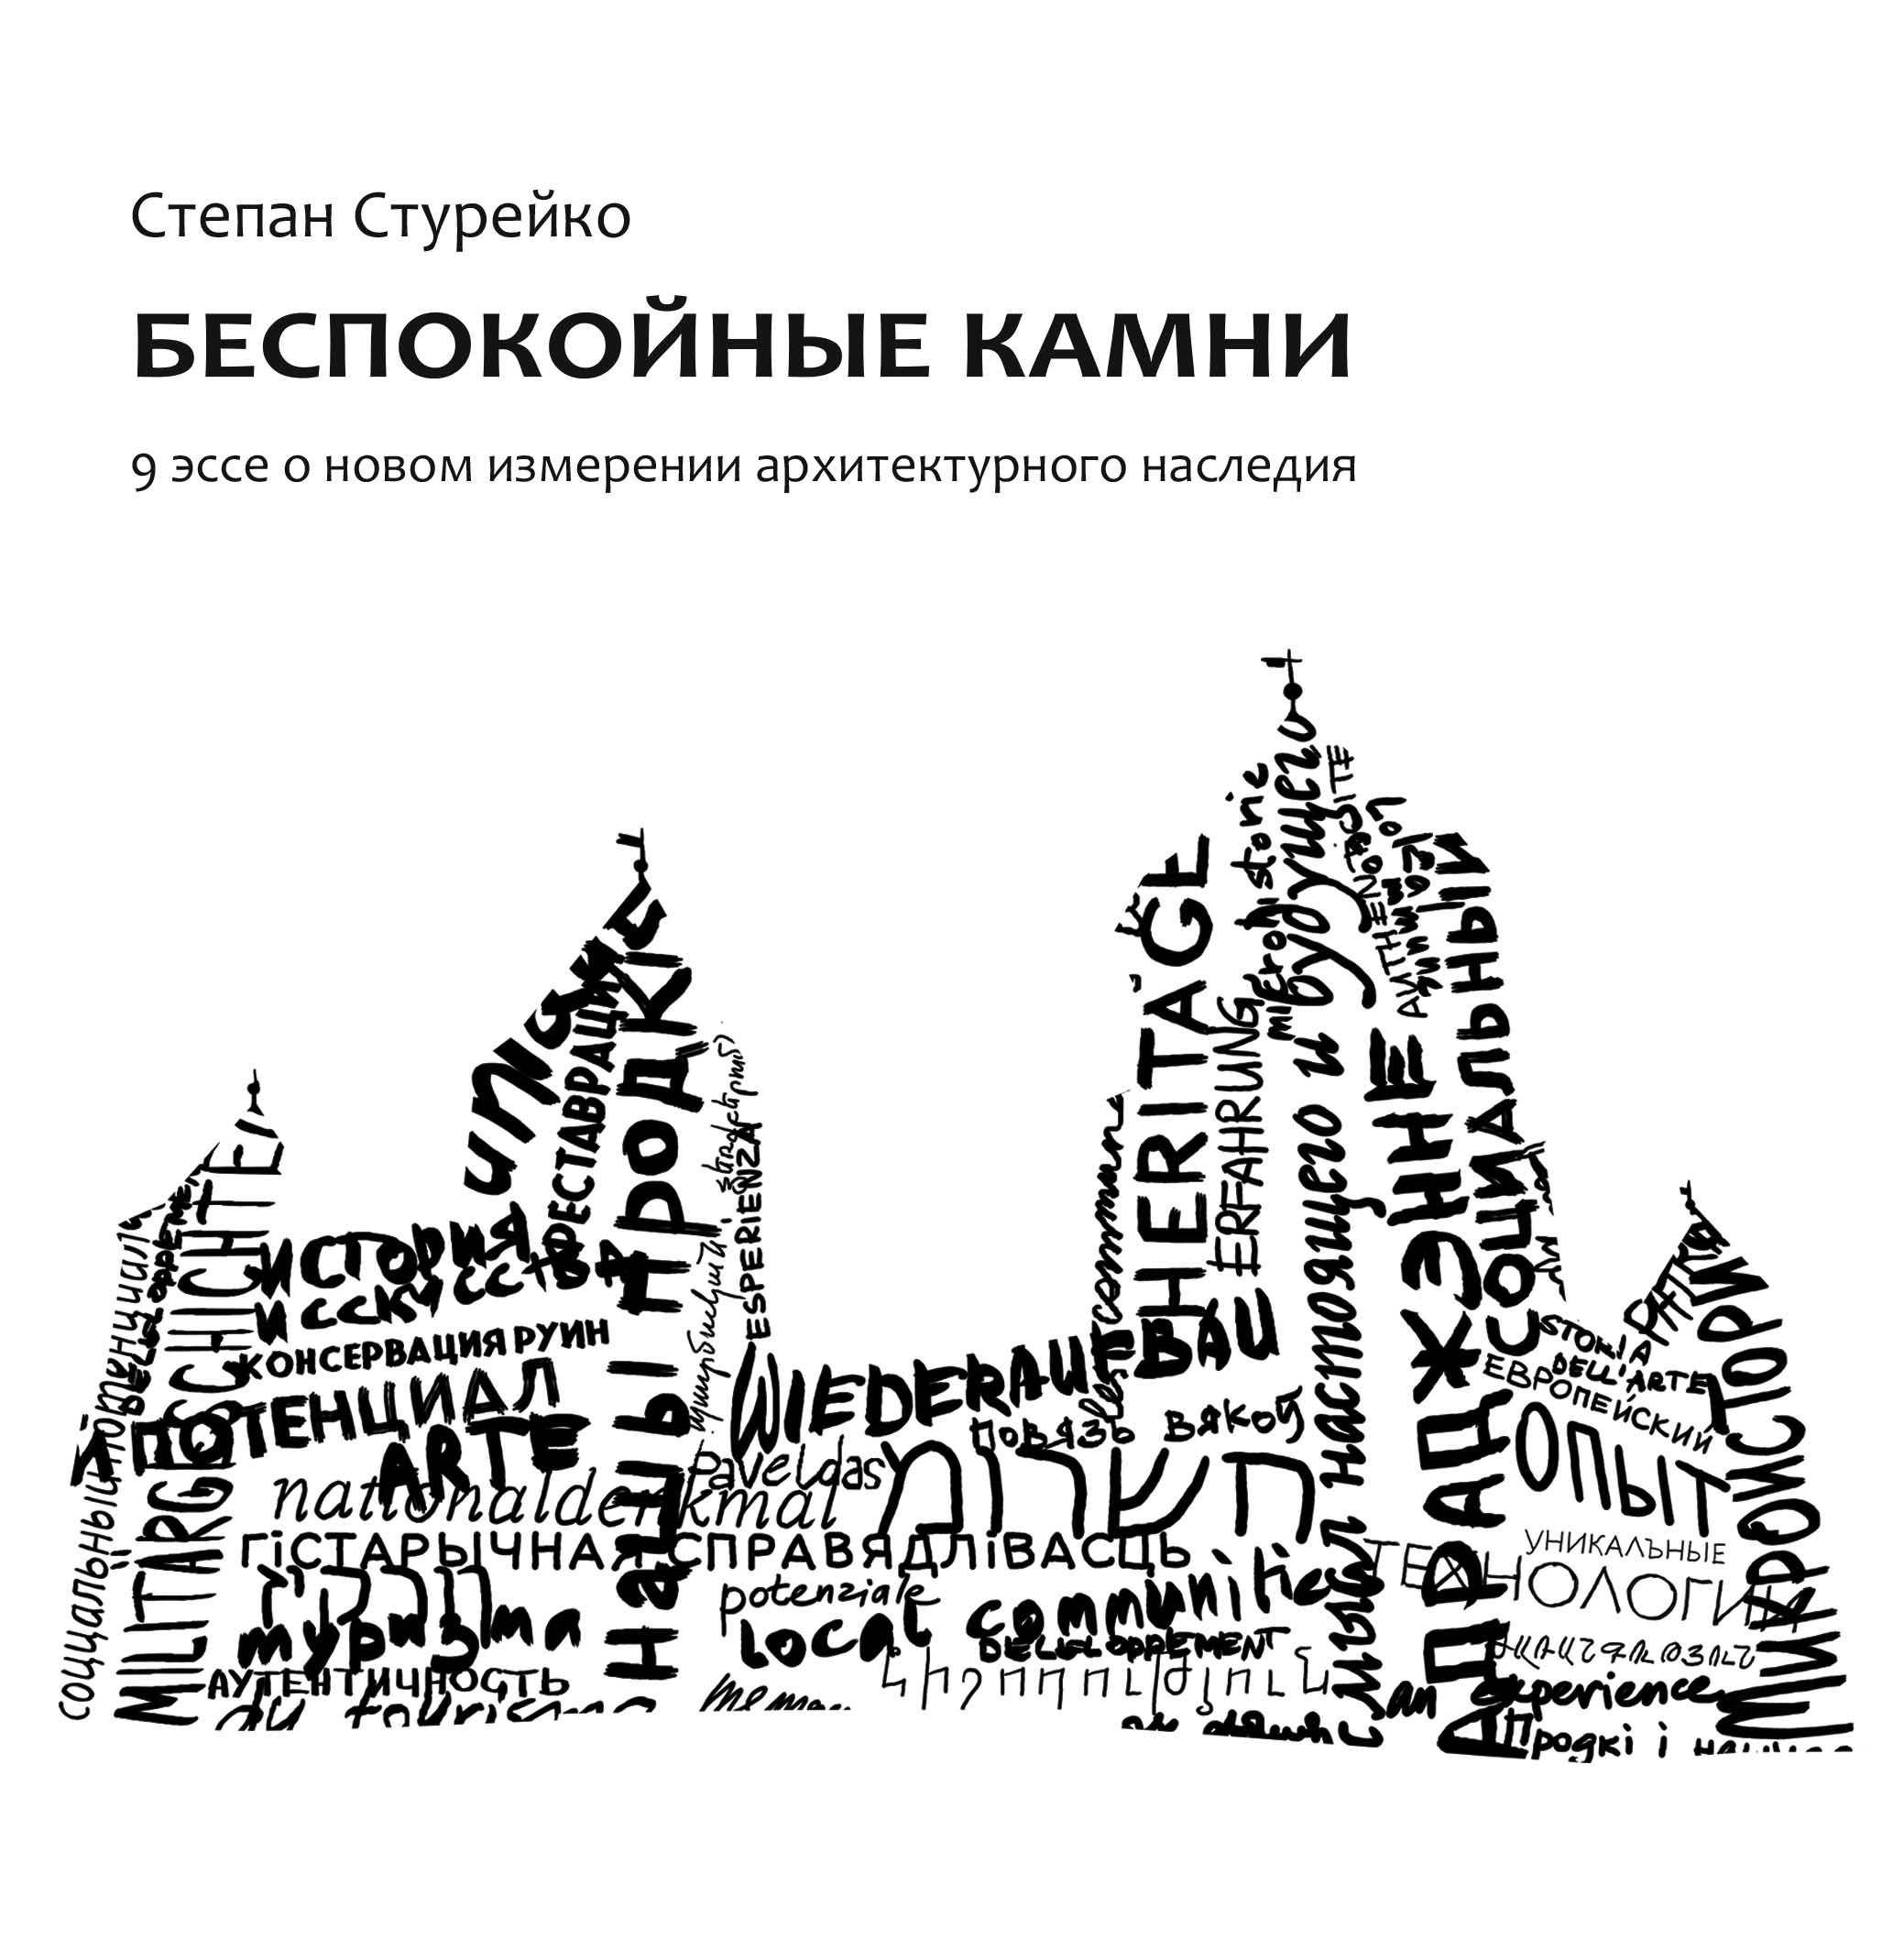 Степан Стурейко, «Беспокойные камни. 9 эссе для нового понимания архитектурного наследия»